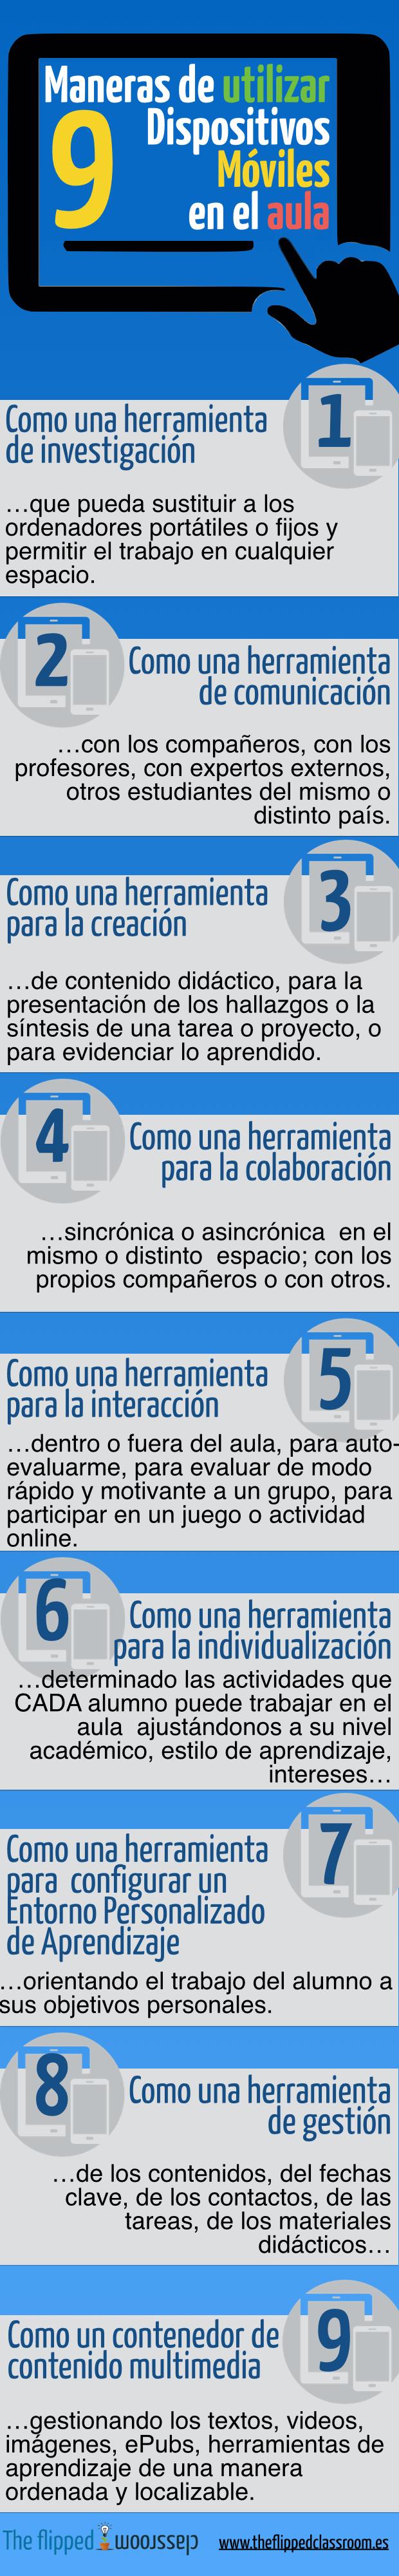 9 formas de usar dispositivos móviles en el aula #infografia #infographic #education - TICs y Formación